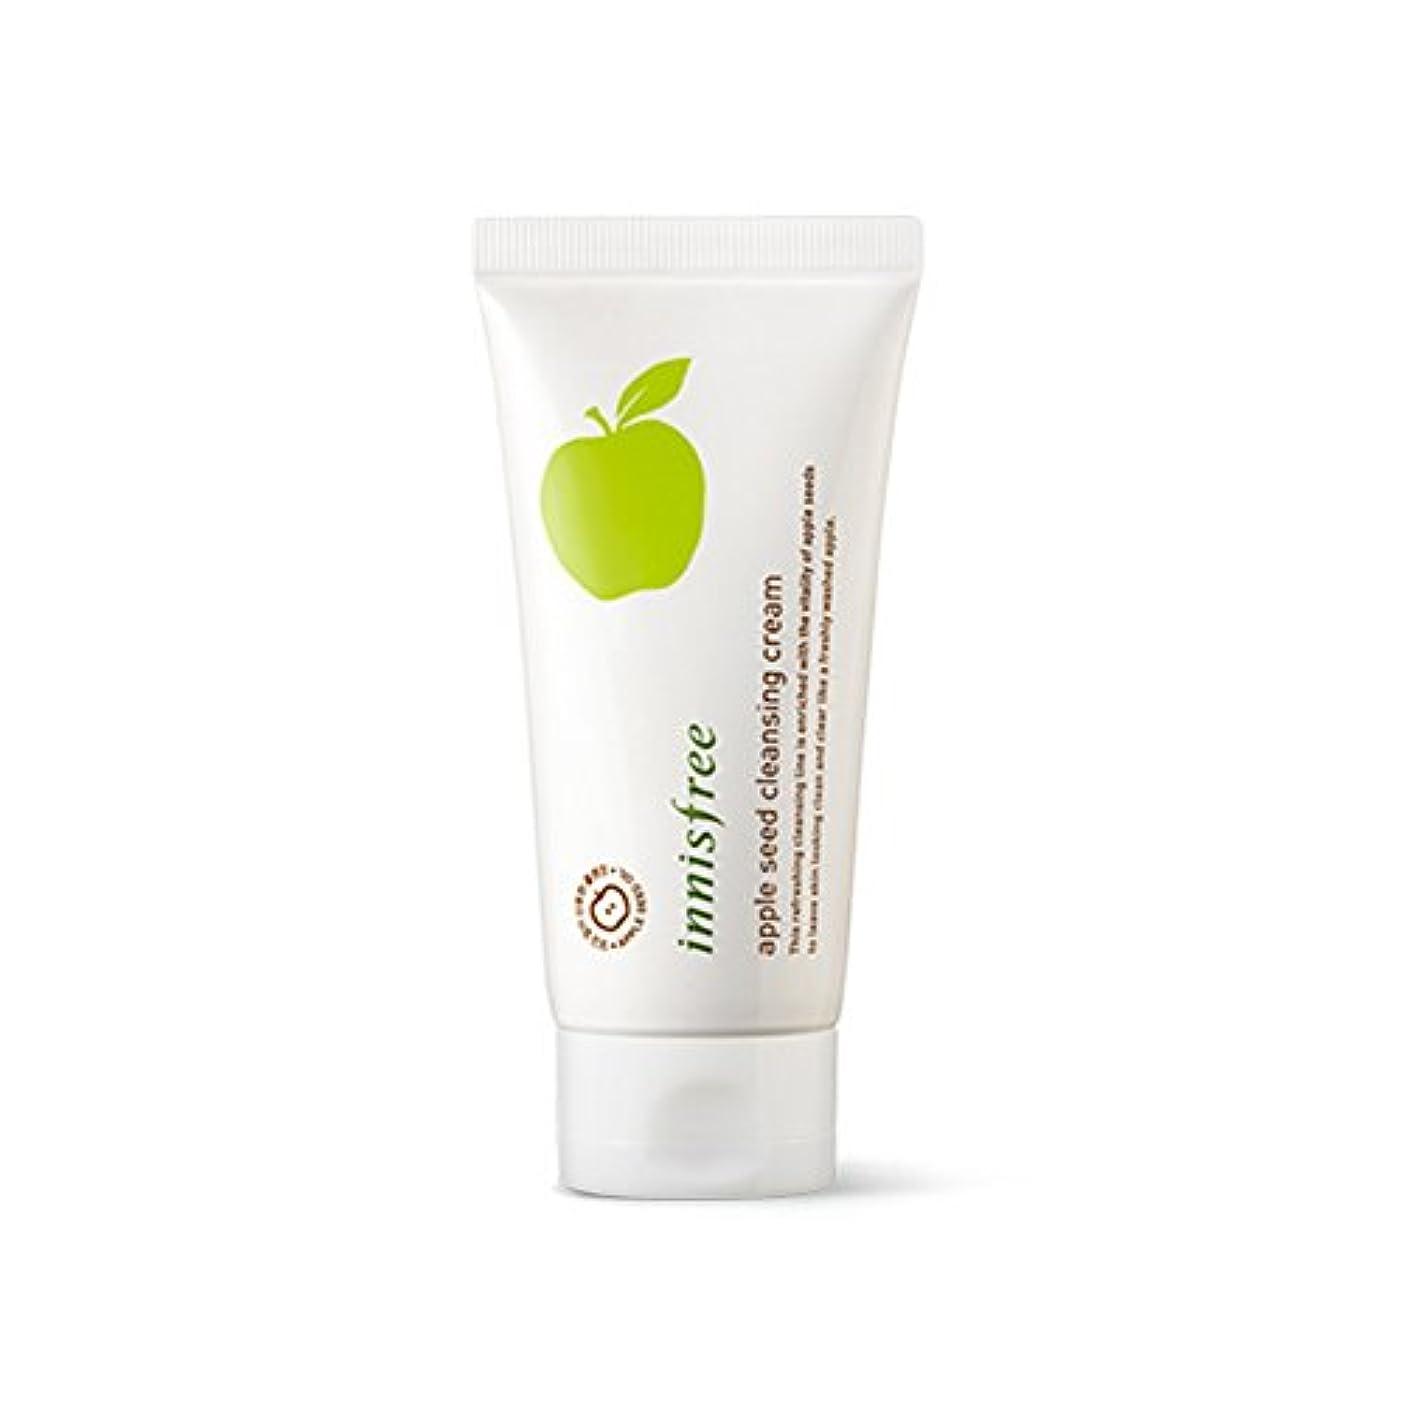 イニスフリーアップルシードクレンジングクリーム150ml / Innisfree Apple Seed Cleansing Cream 150ml [海外直送品][並行輸入品]